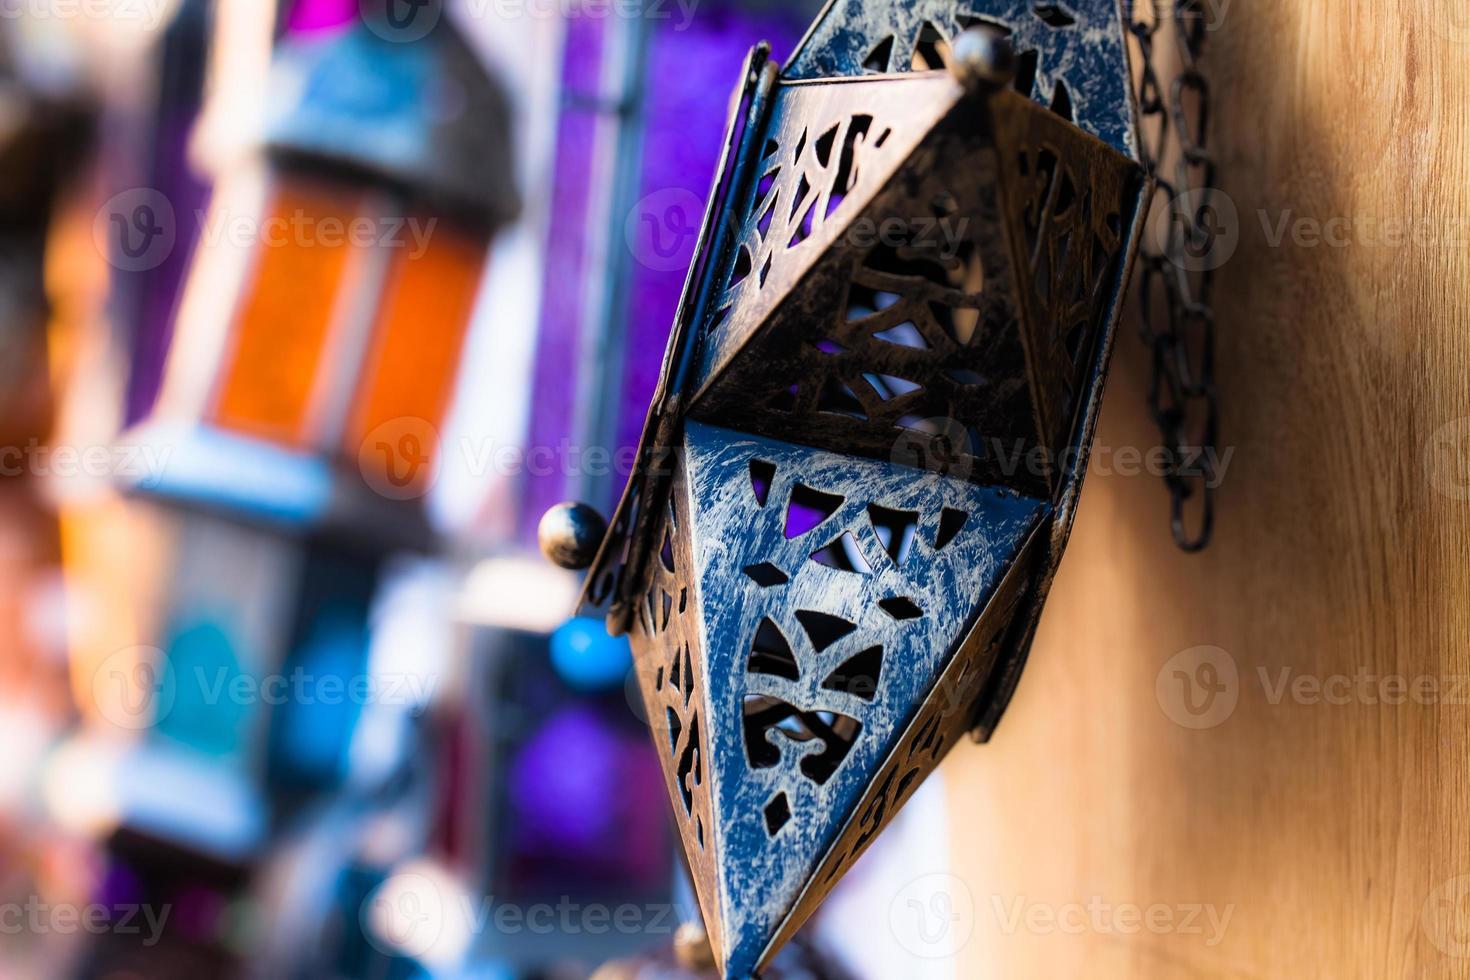 Lampes marocaines en verre et lanternes en métal dans le souk de Marrakech photo